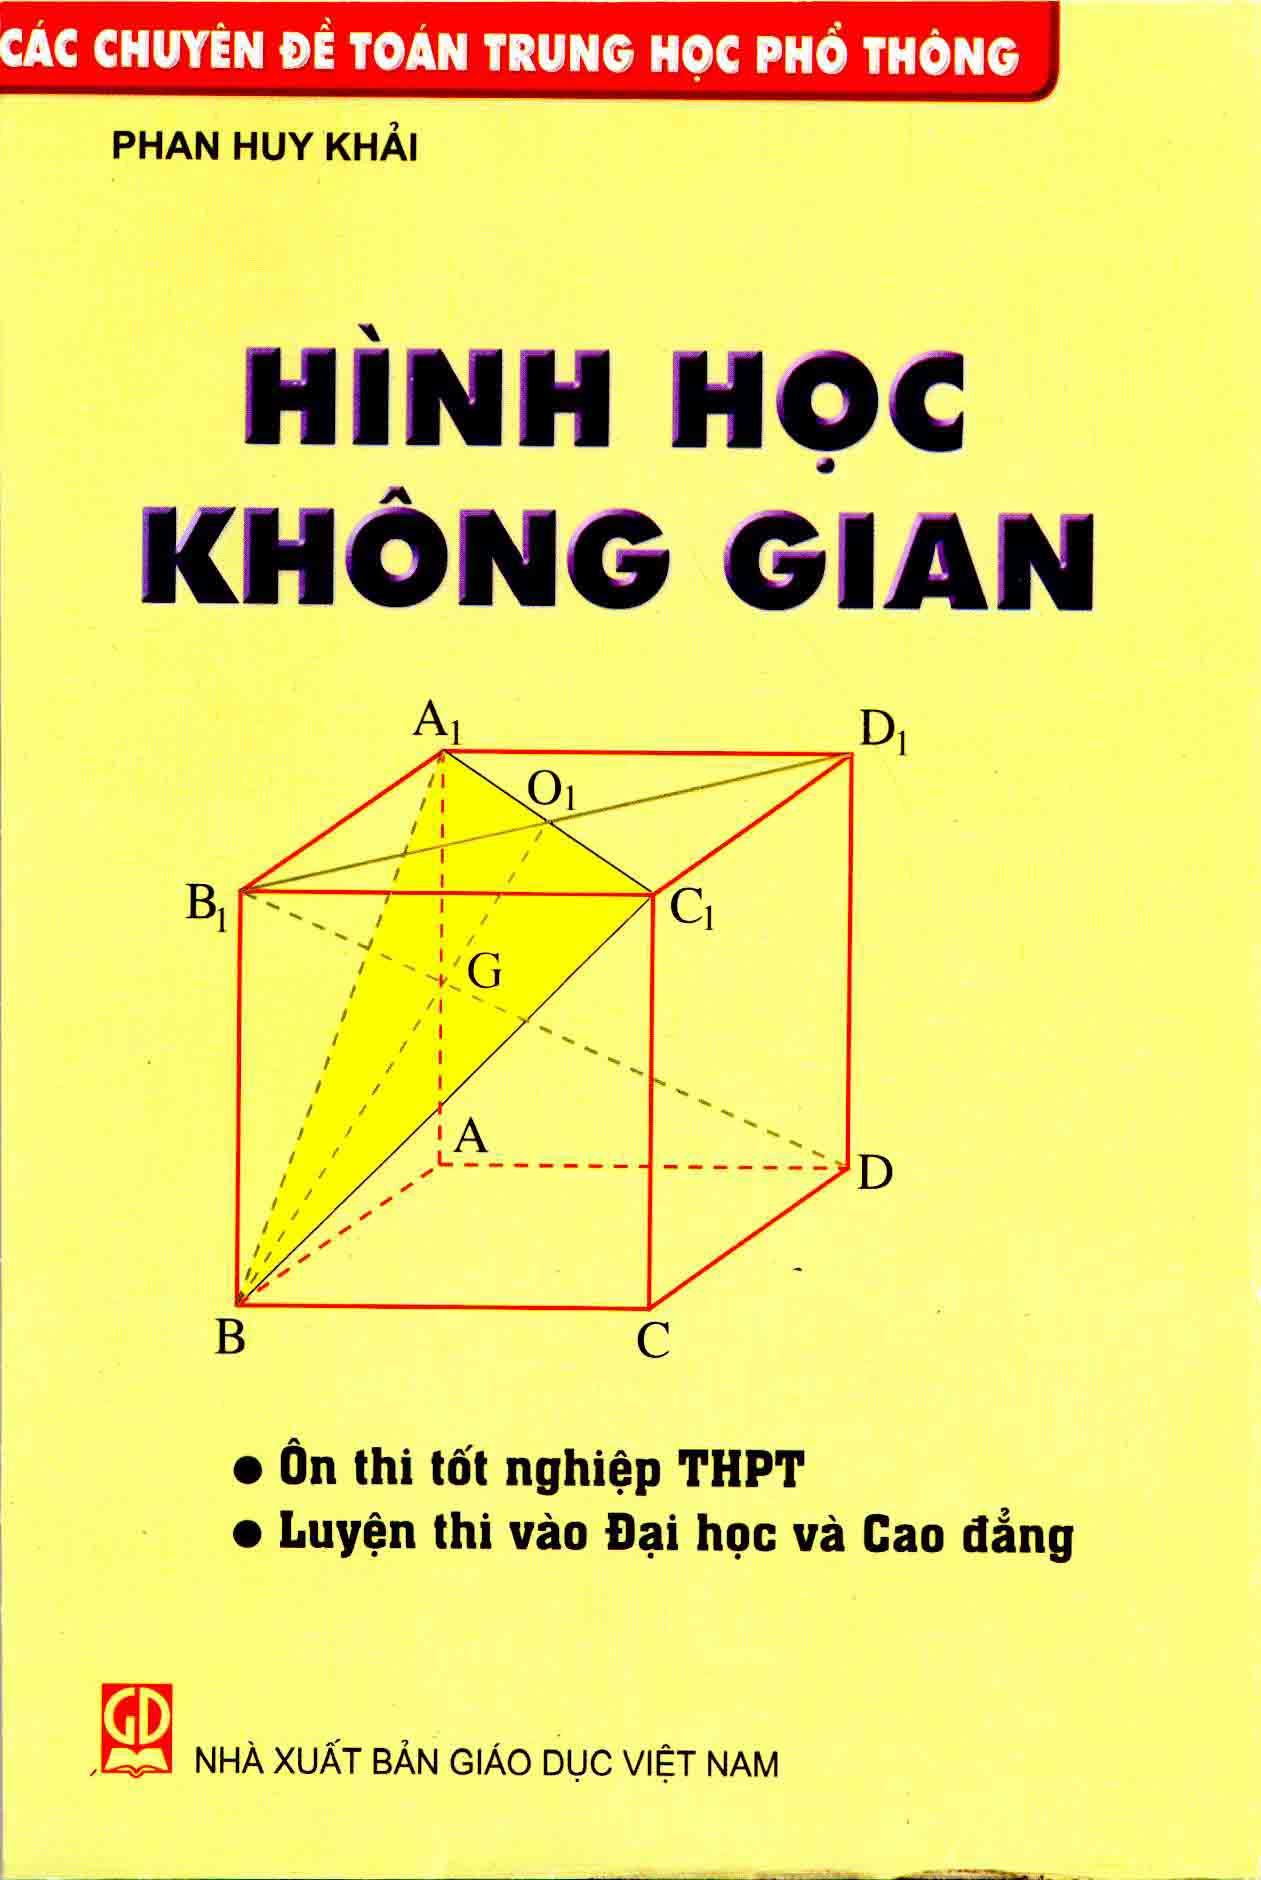 Bí quyết giải toán hình học không gian tốn ít thời gian nhất